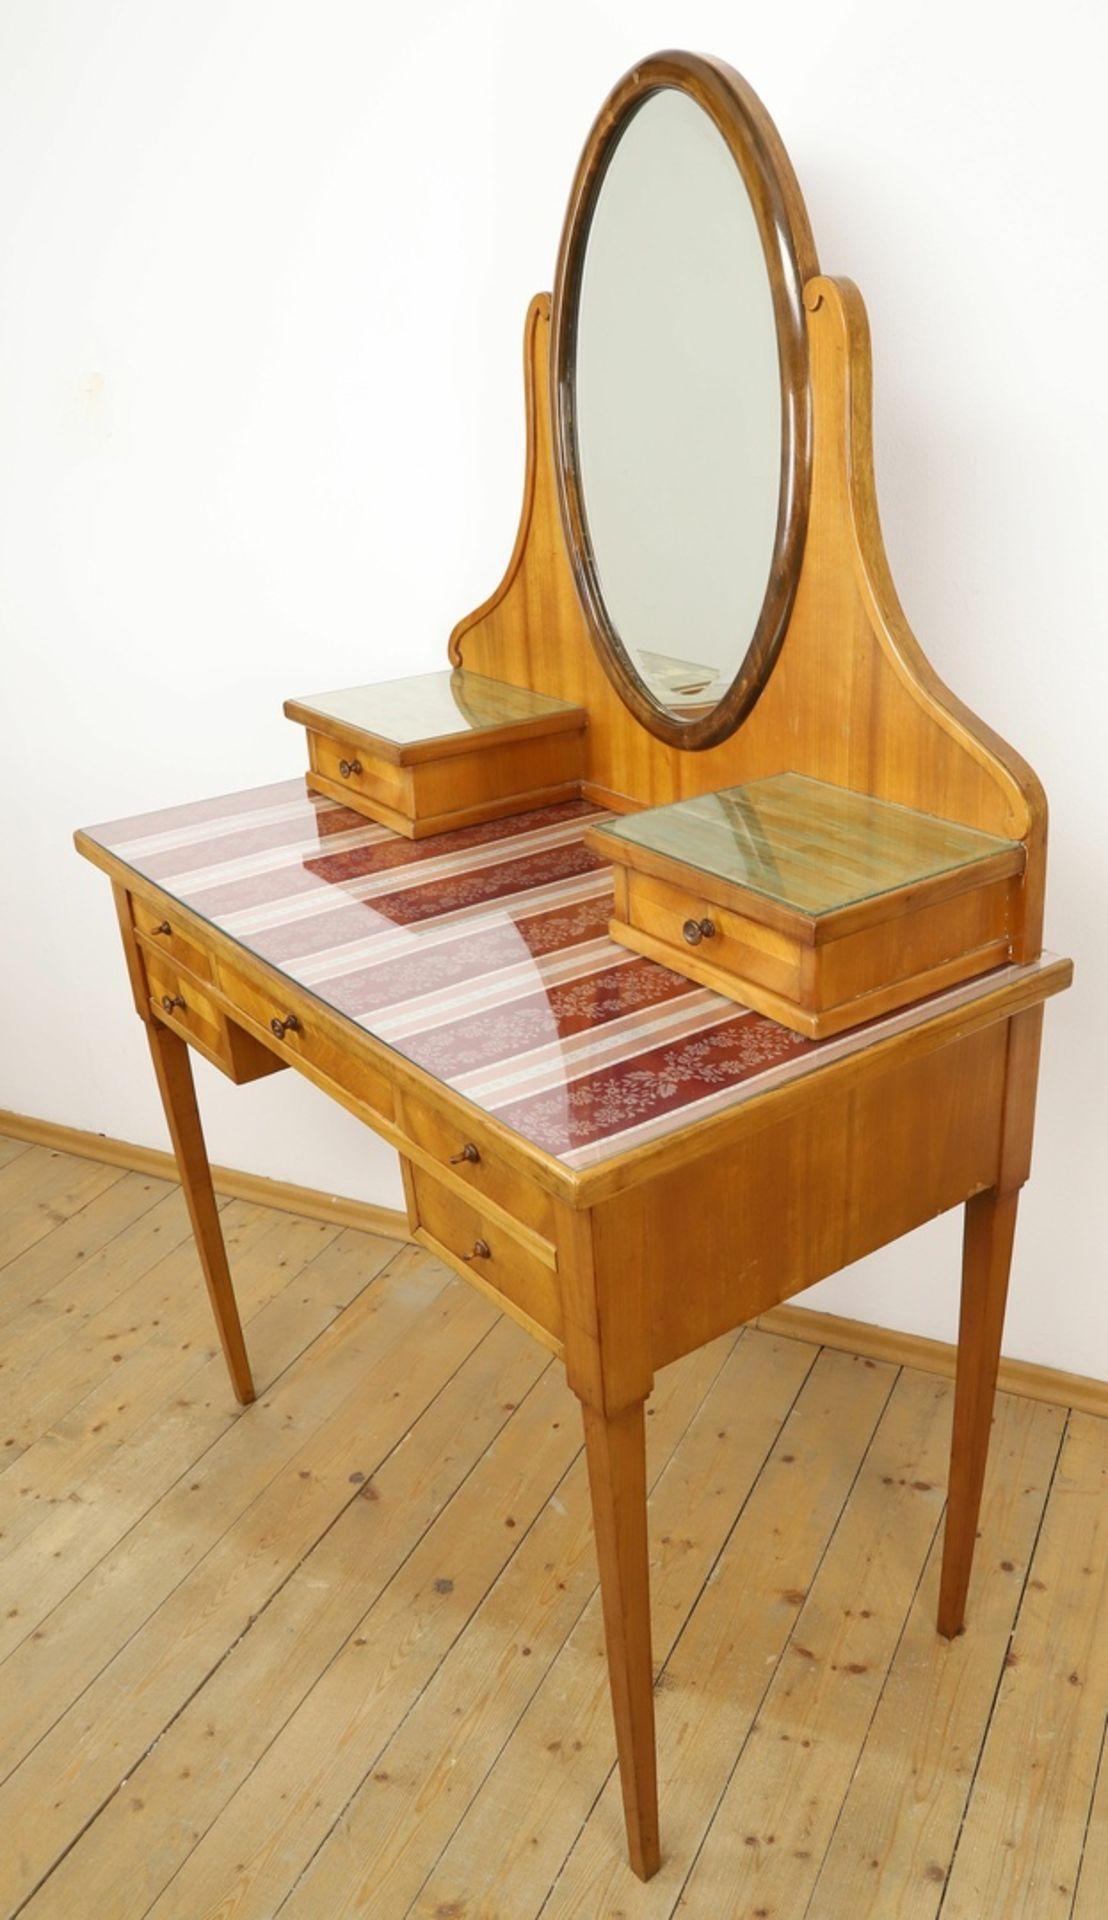 Frisierkommode mit Aufsatzspiegel und Stuhl - Bild 3 aus 8